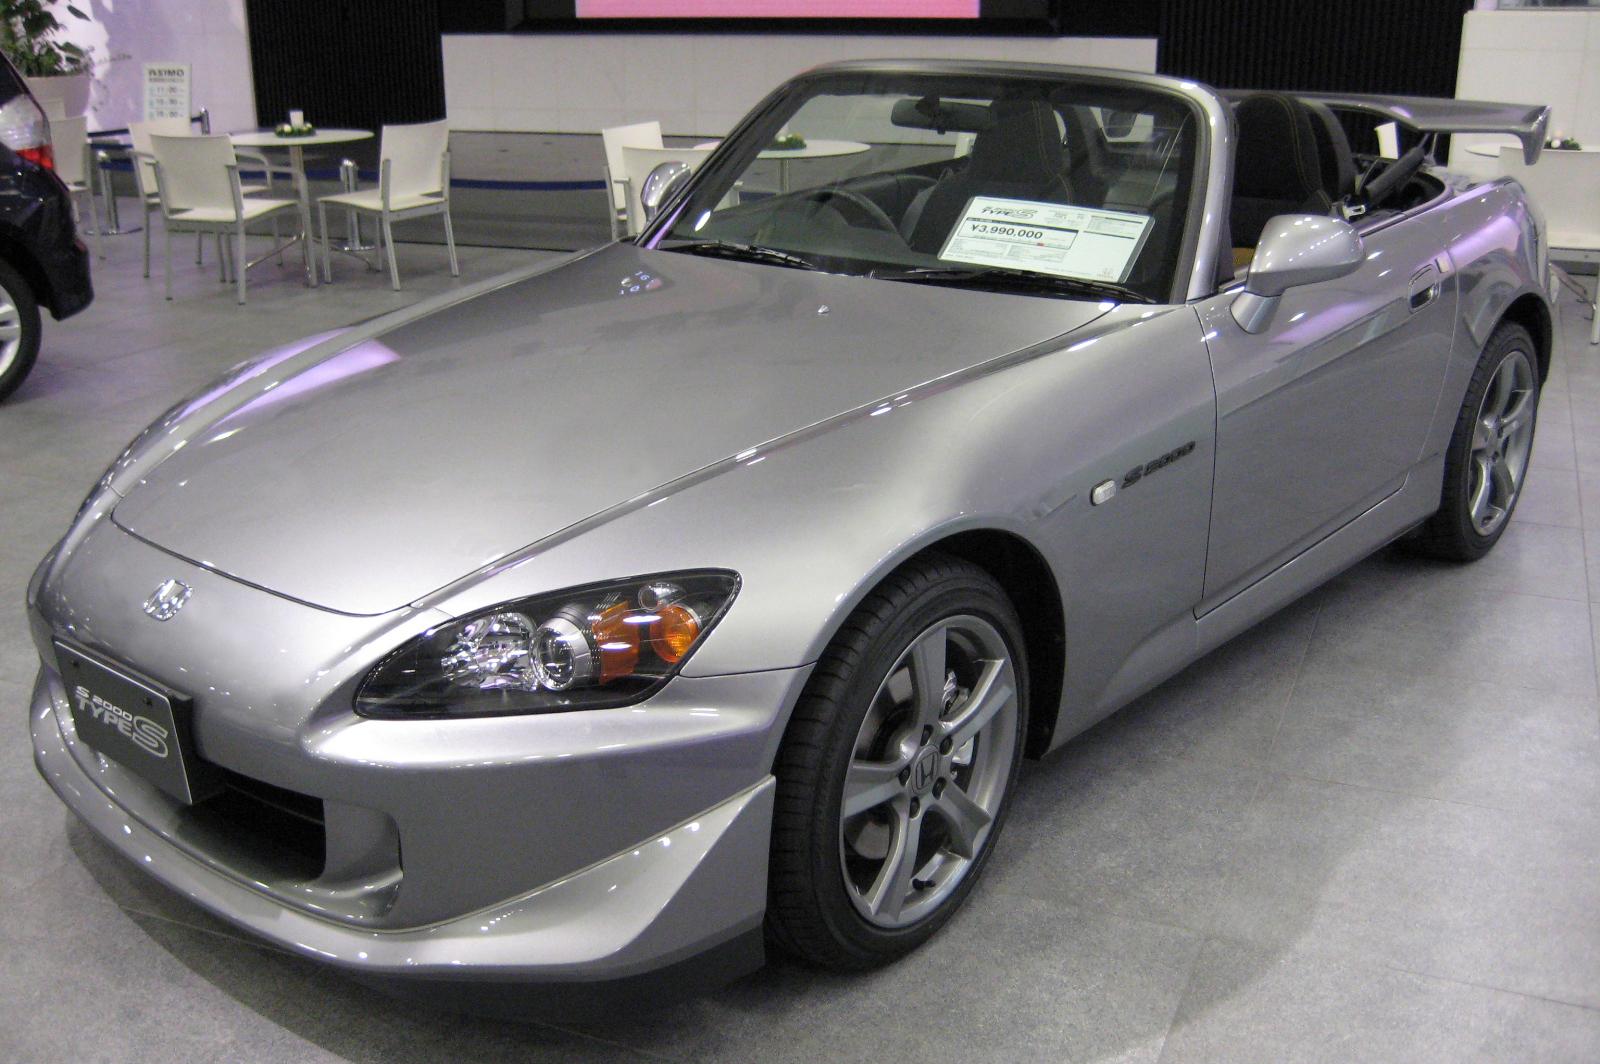 http://1.bp.blogspot.com/-0Q866hKpcQo/TkVEmj4RX4I/AAAAAAAABnw/FscFBQMpaFg/s1600/2007_Honda_S2000_TypeS.jpg